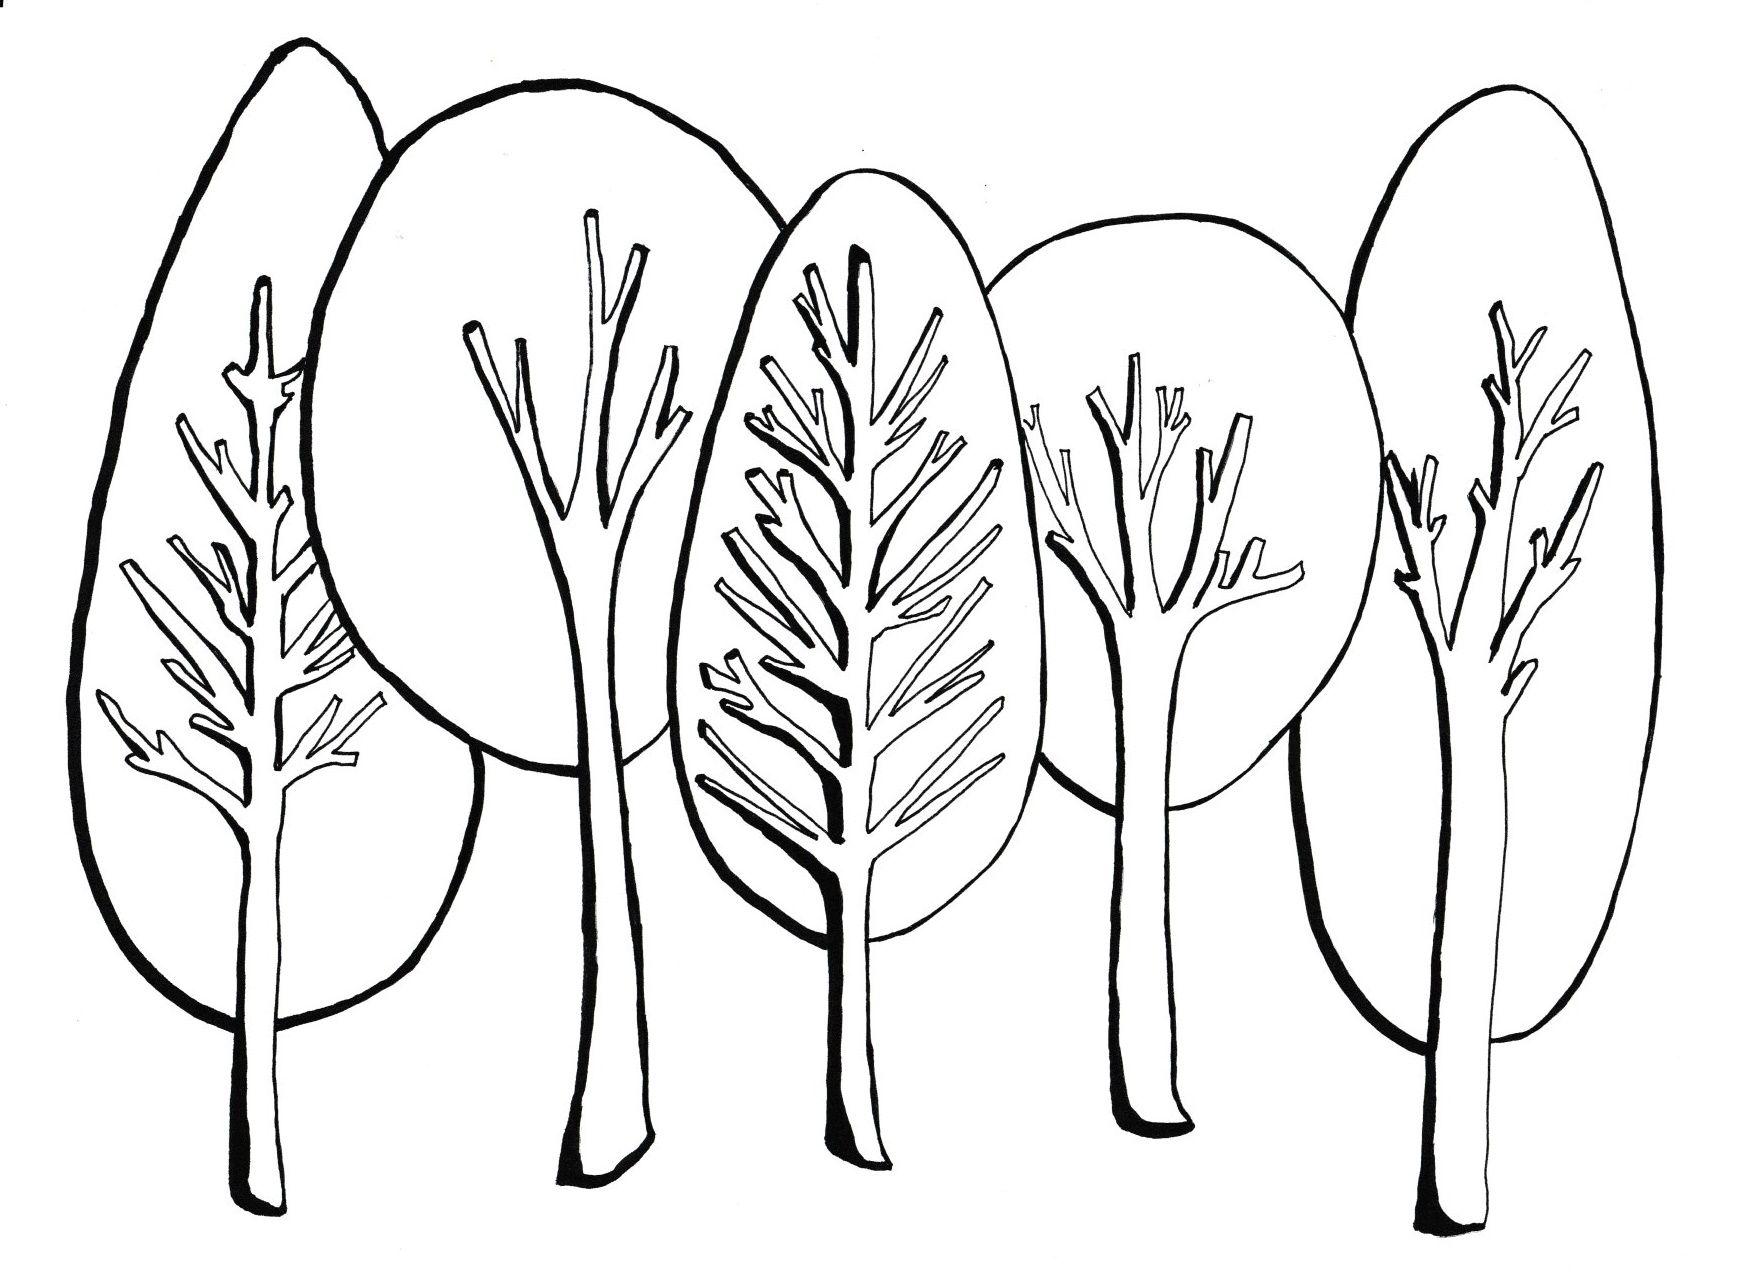 Drzewa Rysunek Kolorowanki Moje Dzieci Kreatywnie Arts And Crafts Graphic Art